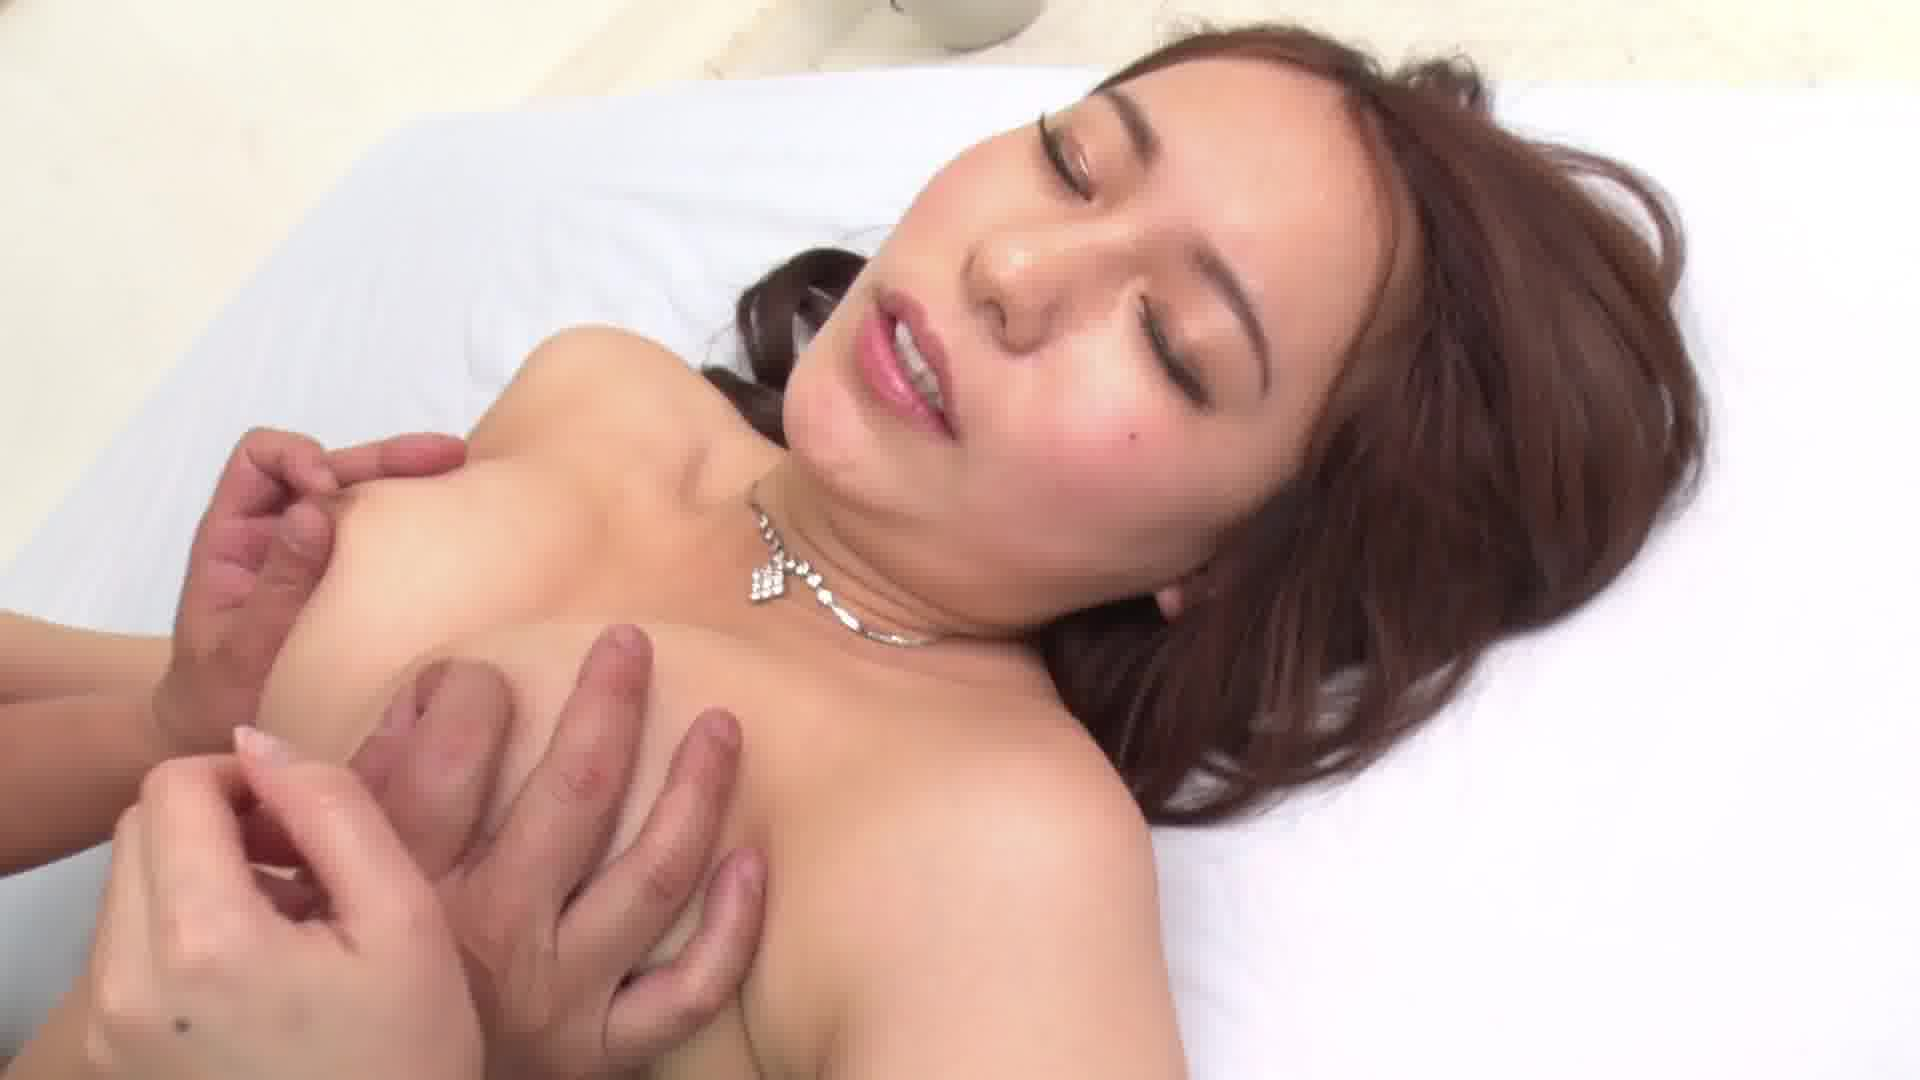 いずみ反省会 ~禊は司会者と生セックス~ - いずみ美耶【巨乳・パイパン・中出し】